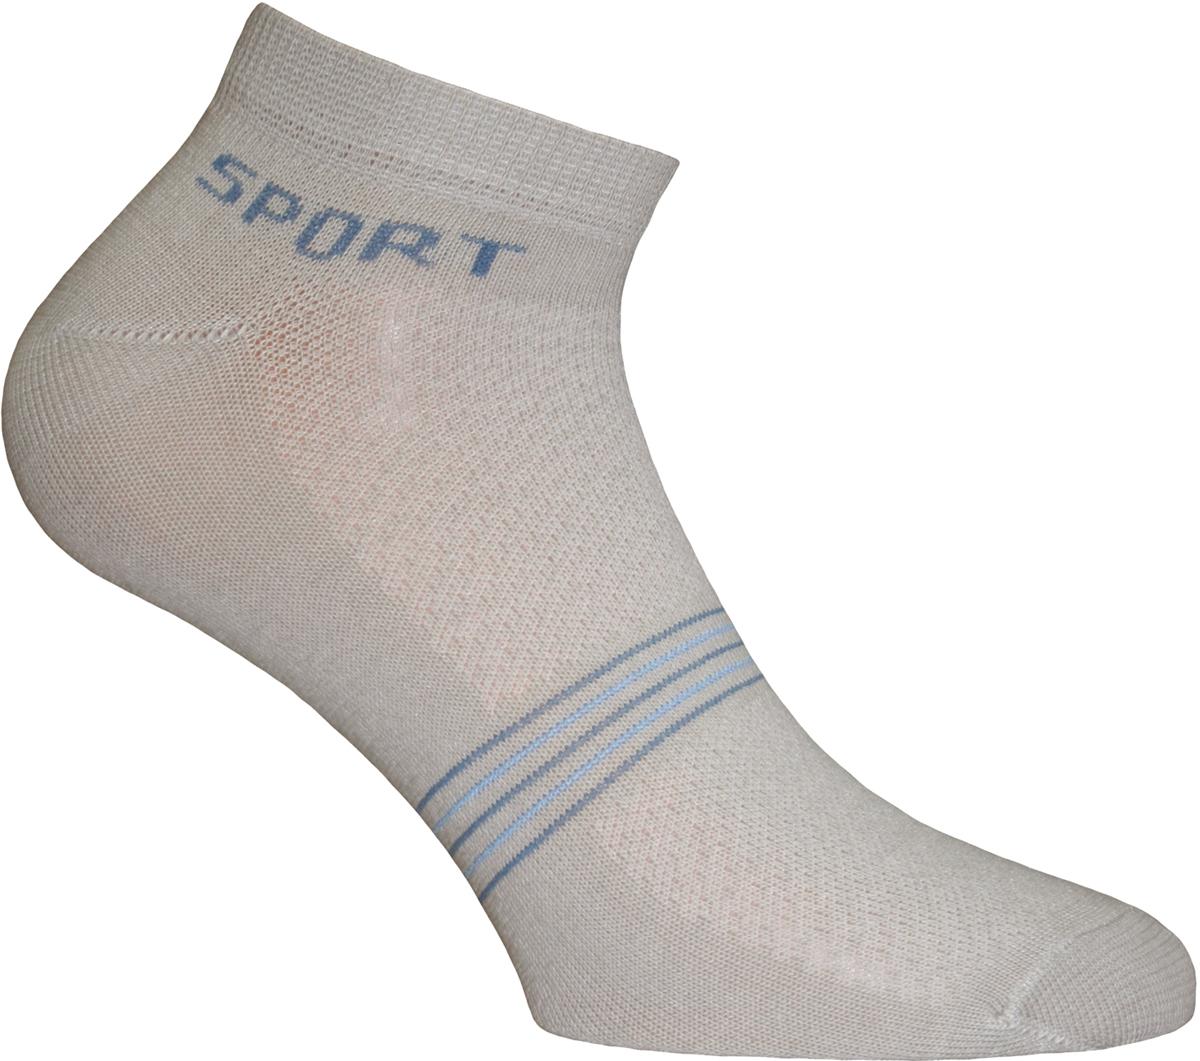 Носки мужские Master Socks, цвет: светло-серый. 58914. Размер 2558914Удобные носки Master Socks в спортивном стиле, изготовленные из высококачественного комбинированного материала с хлопковой основой, очень мягкие и приятные на ощупь, позволяют коже дышать.Эластичная резинка плотно облегает ногу, не сдавливая ее, обеспечивая комфорт и удобство. Носки с укороченным паголенком. Практичные и комфортные носки великолепно подойдут к любой вашей обуви.